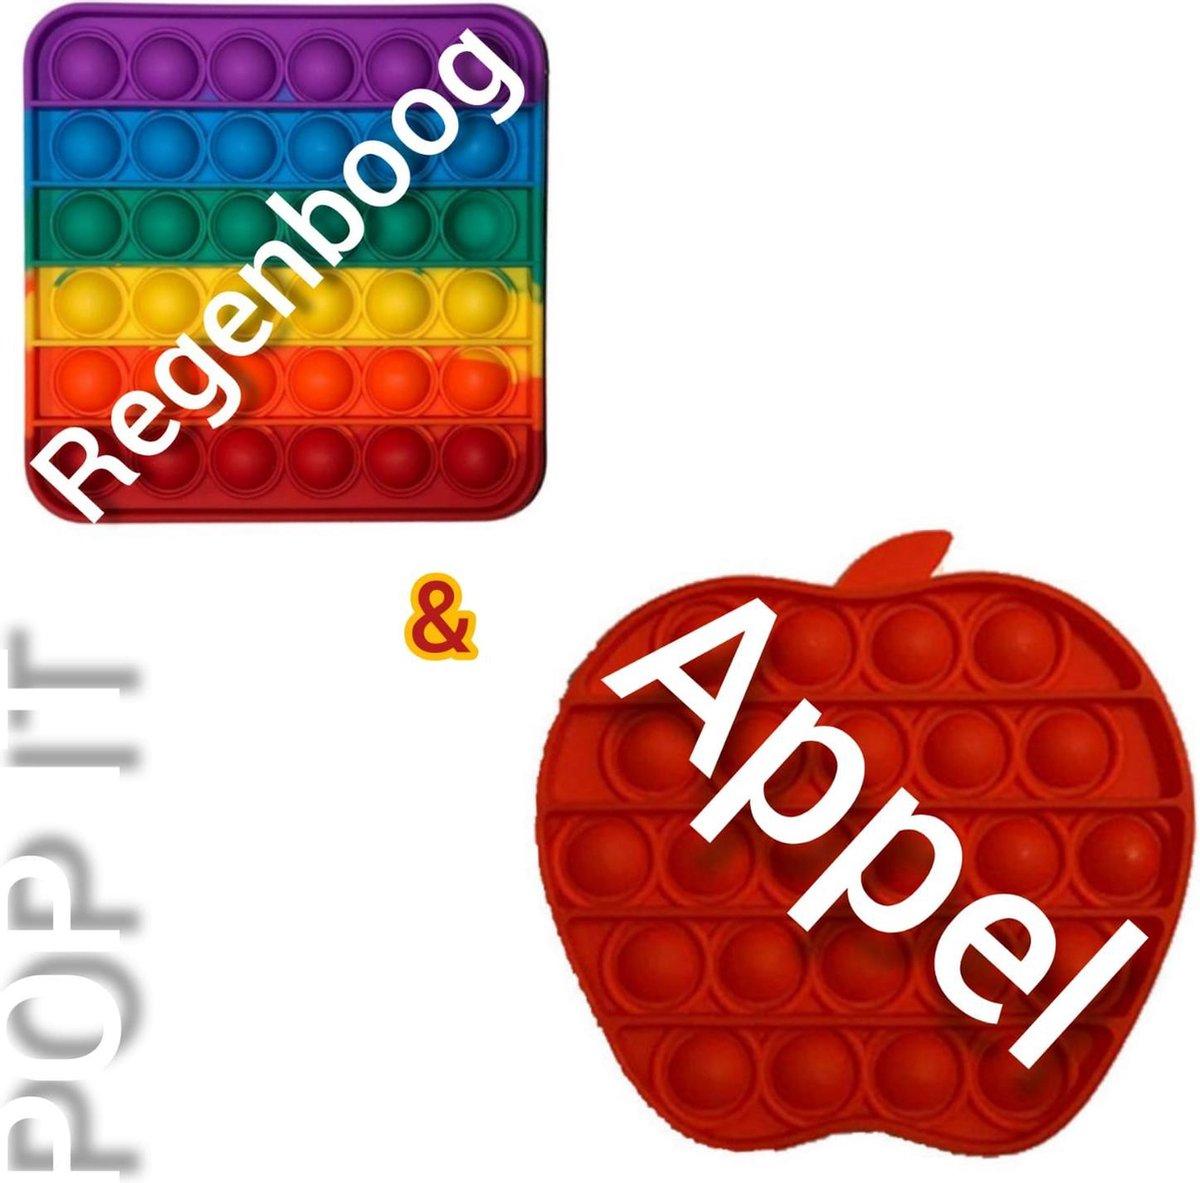 Pop it | Fidget toys pakket | Regenboog vierkant + Appel rood | Meisjes jongens volwassenen | Anti stress 2021 | Cadeautip _ Leuk voor zwembad